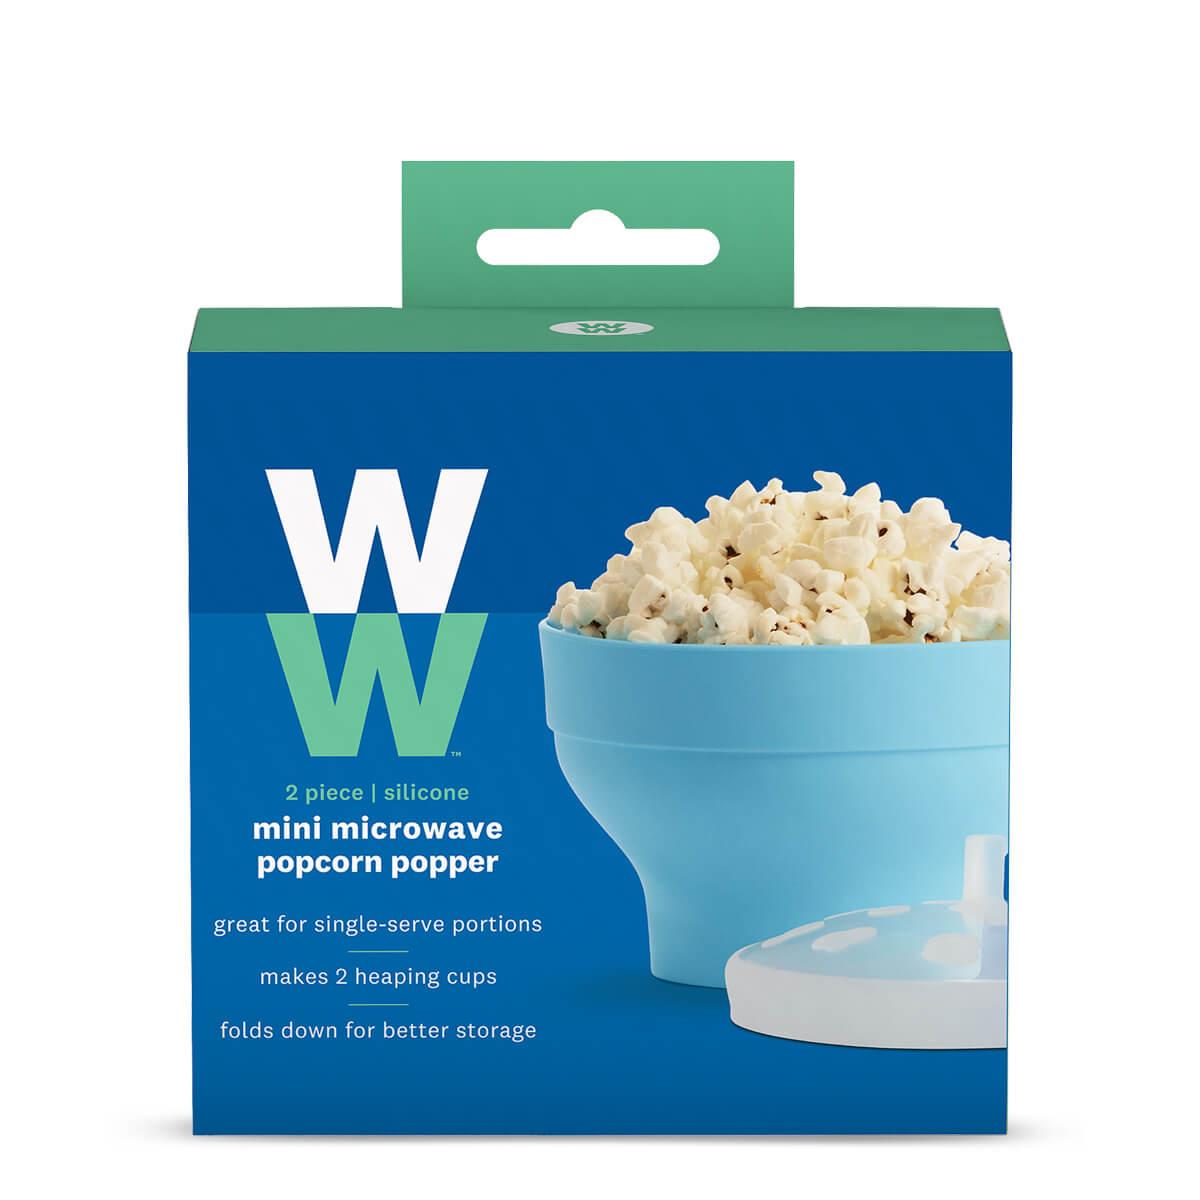 Mini Silicone Microwave Popcorn Popper - box